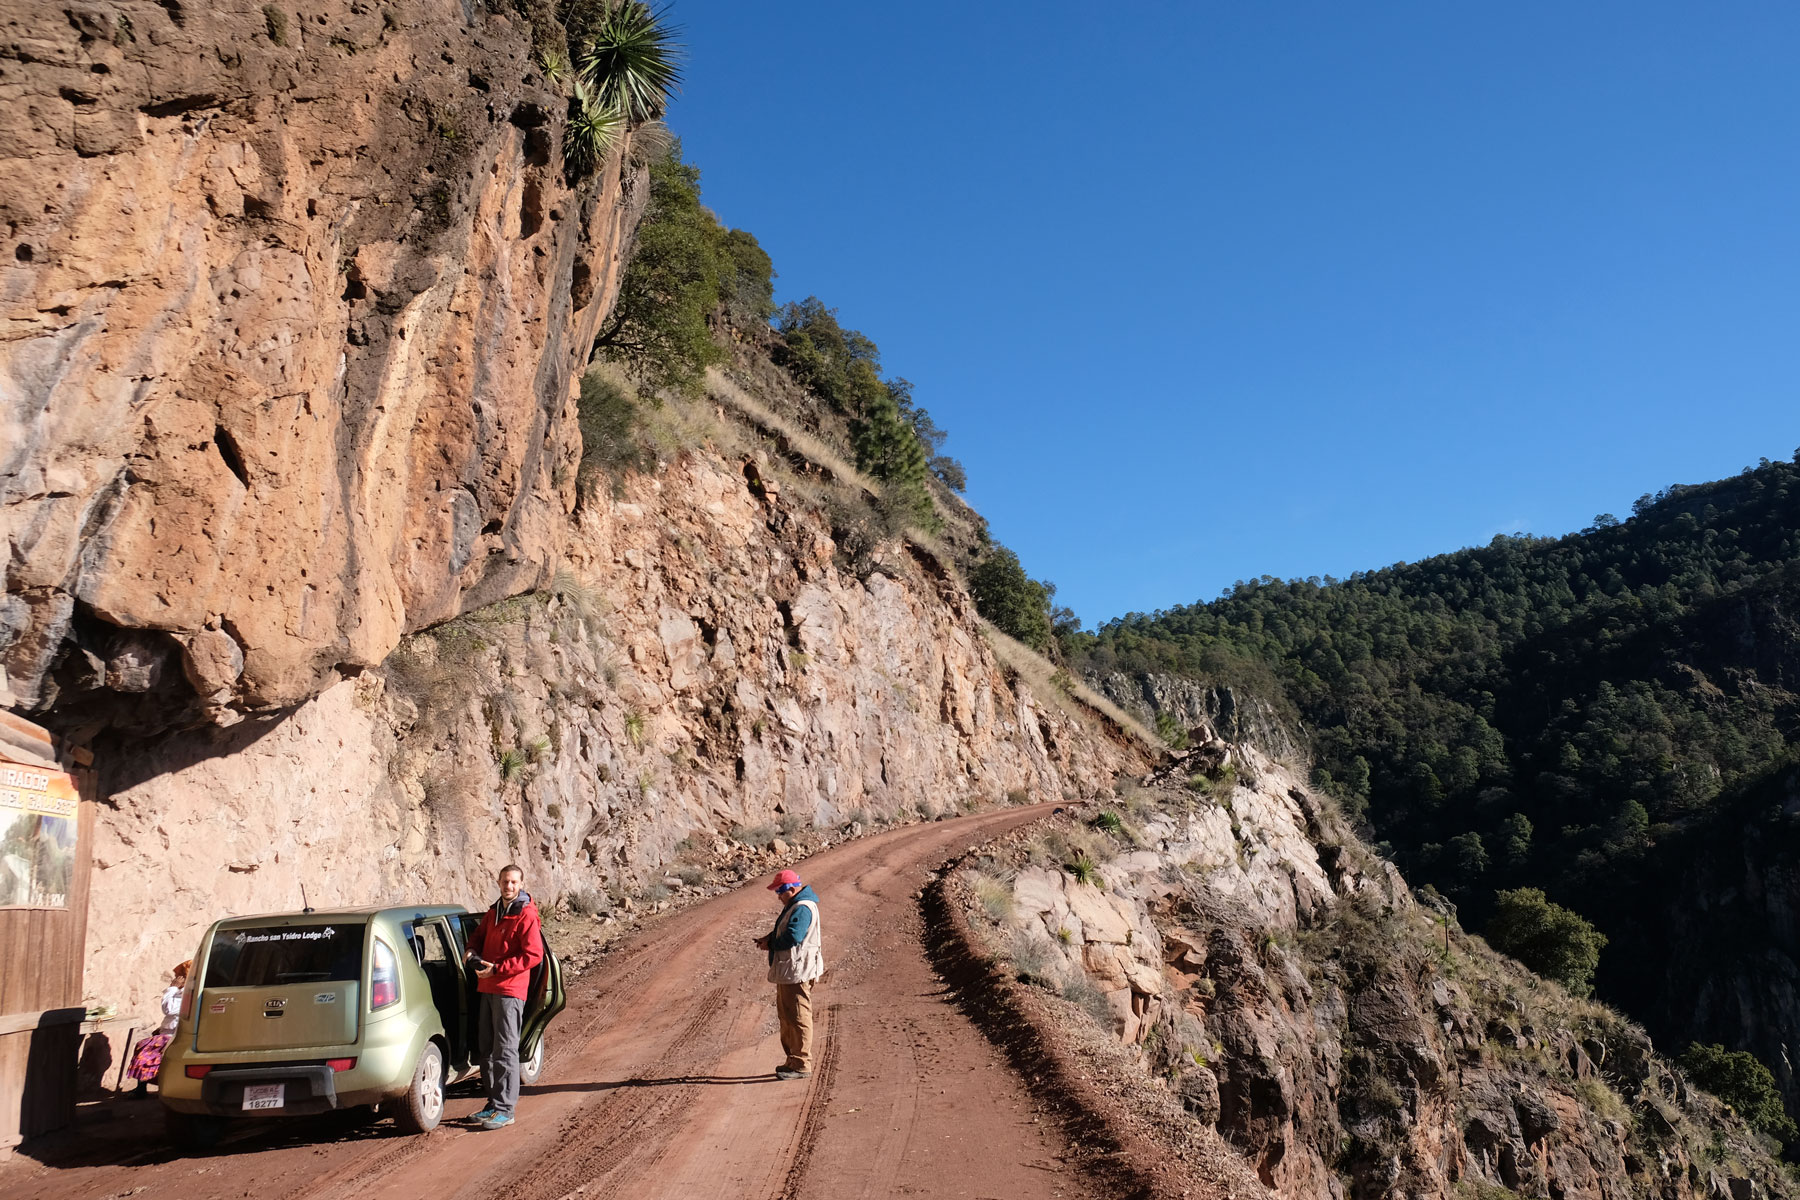 Mit einem Auto lassen wir uns zum Aussichtspunkt Cerro de Gallego in Mexiko fahren.